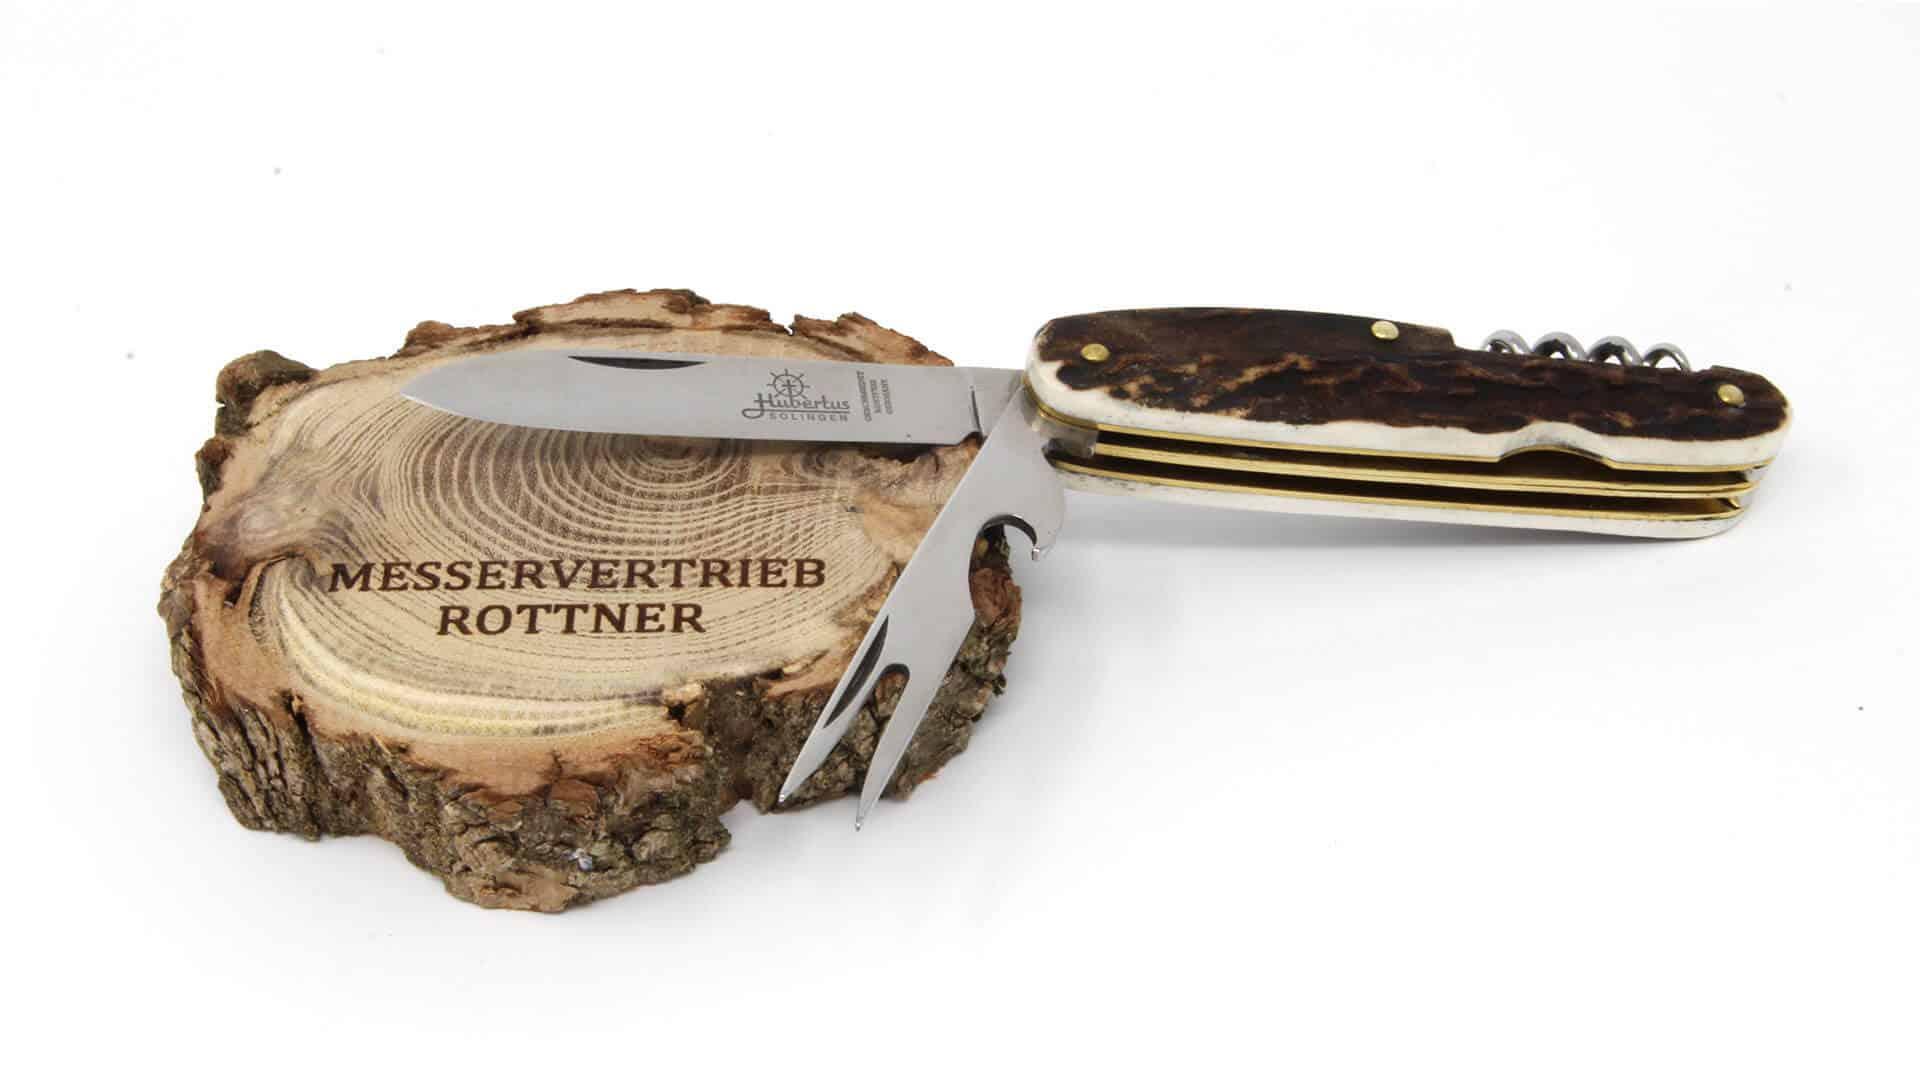 Hubertus Bestecktaschenmesser aufgeklappt Messervertrieb Rottner